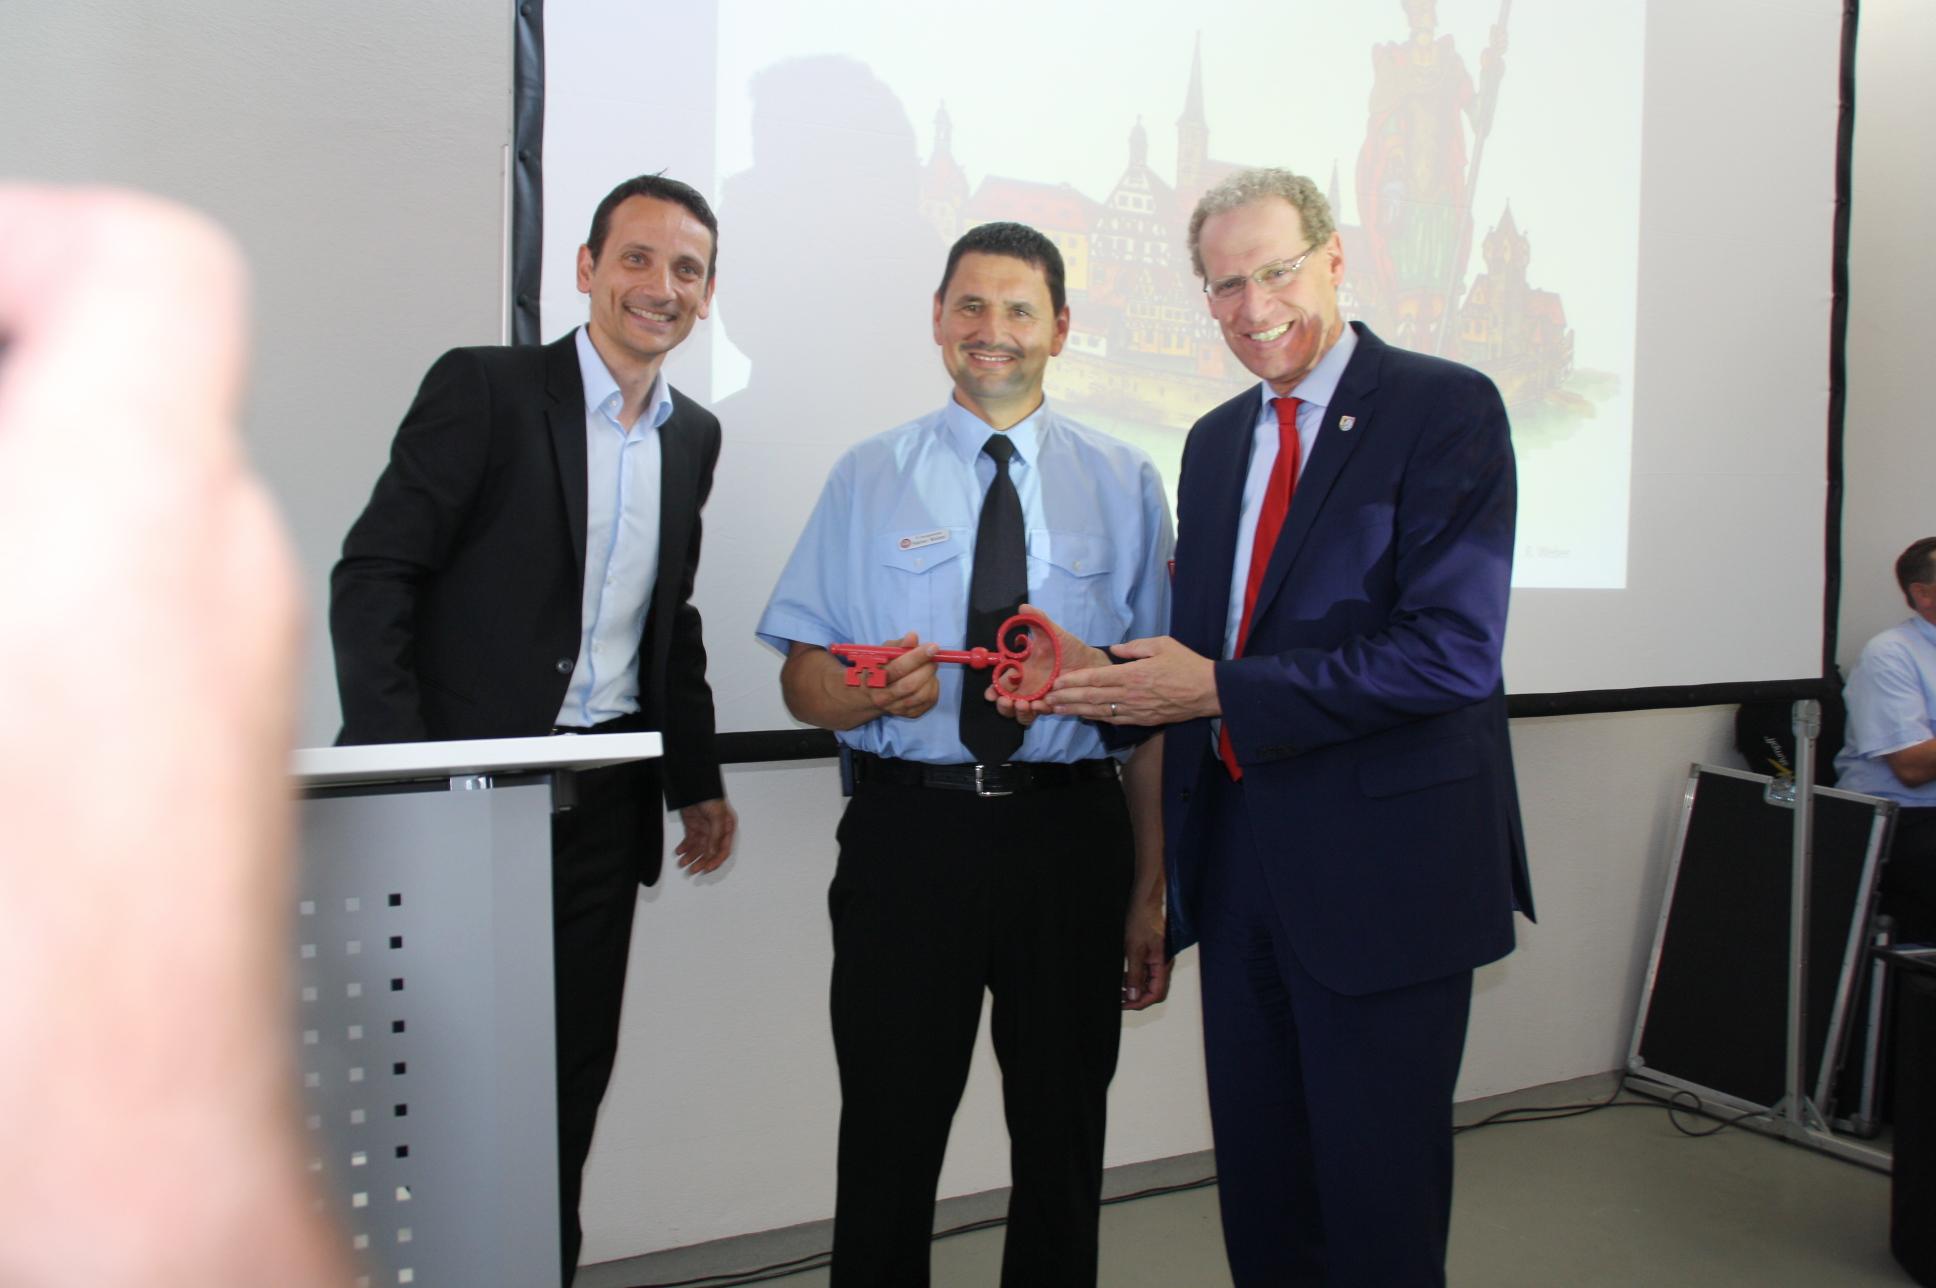 Freude bei der Schlüsselübergabe (von links): Architekt Ralf Hain, Kommandant Rainer Weber, Bürgermeister German Hacker.